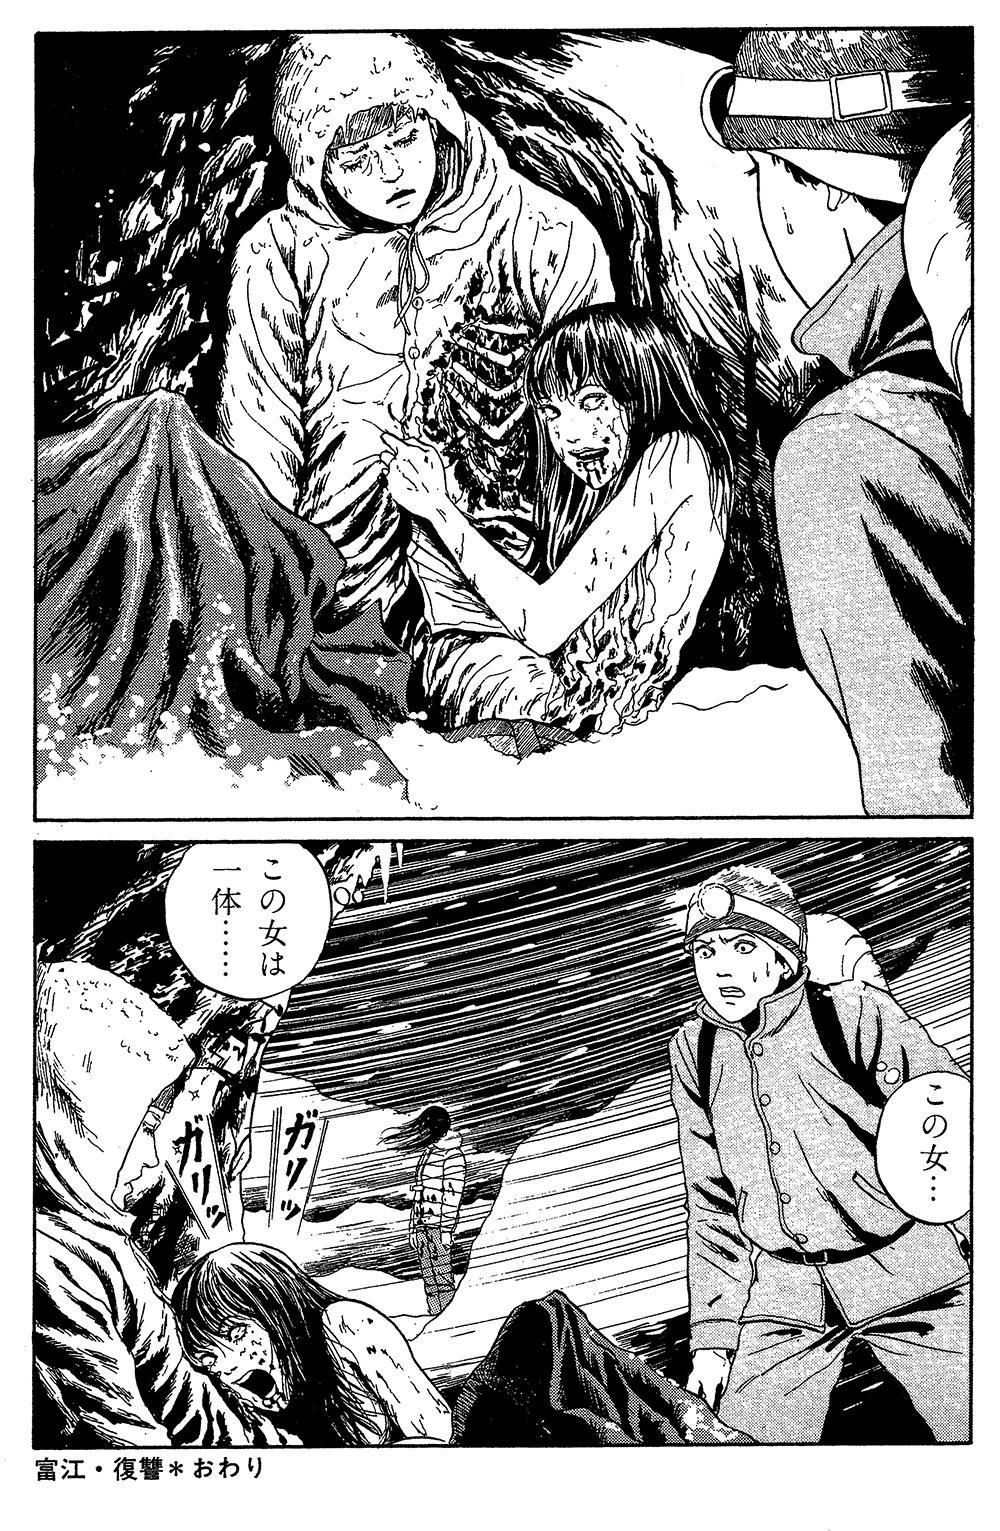 伊藤潤二傑作集 第7話「富江・復讐」2itouj24-0308.jpg